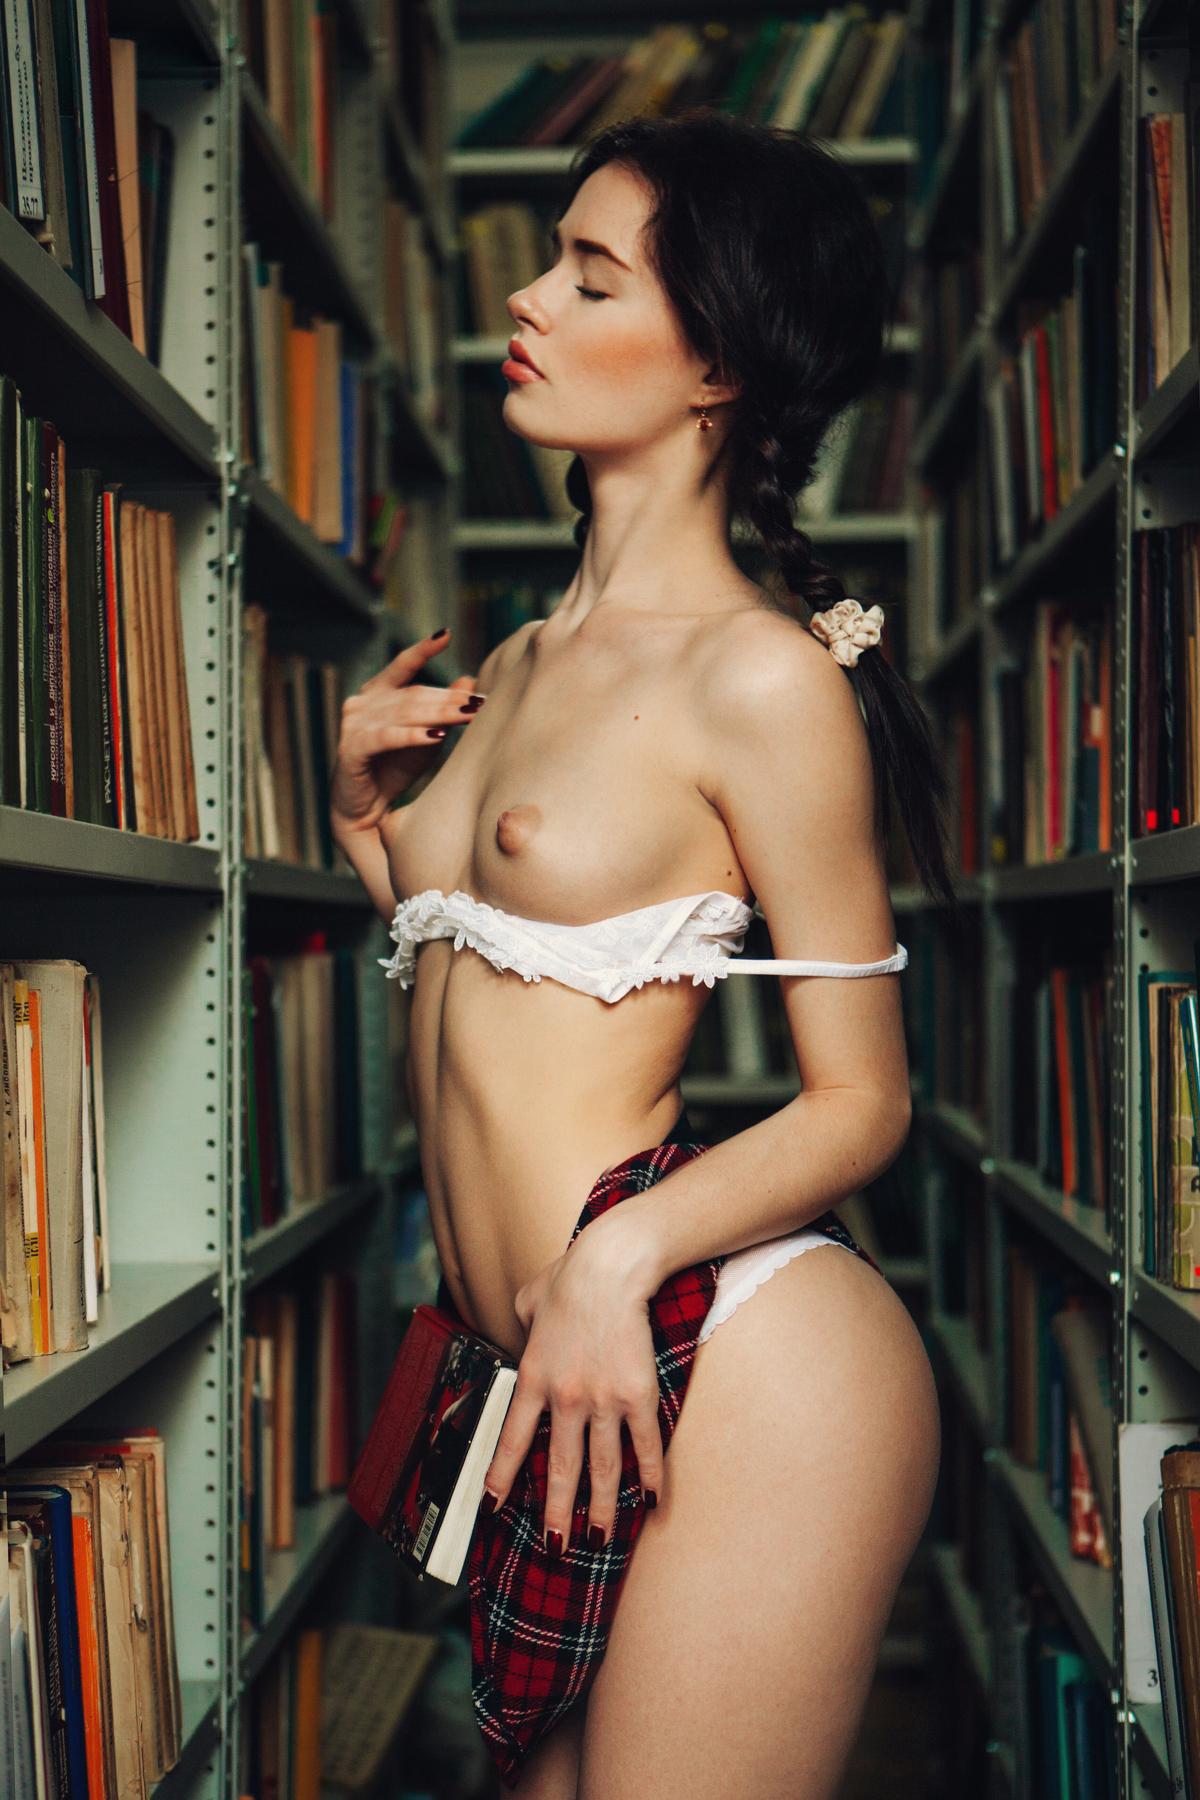 В библиотеке / фотограф Пирожкова Аня